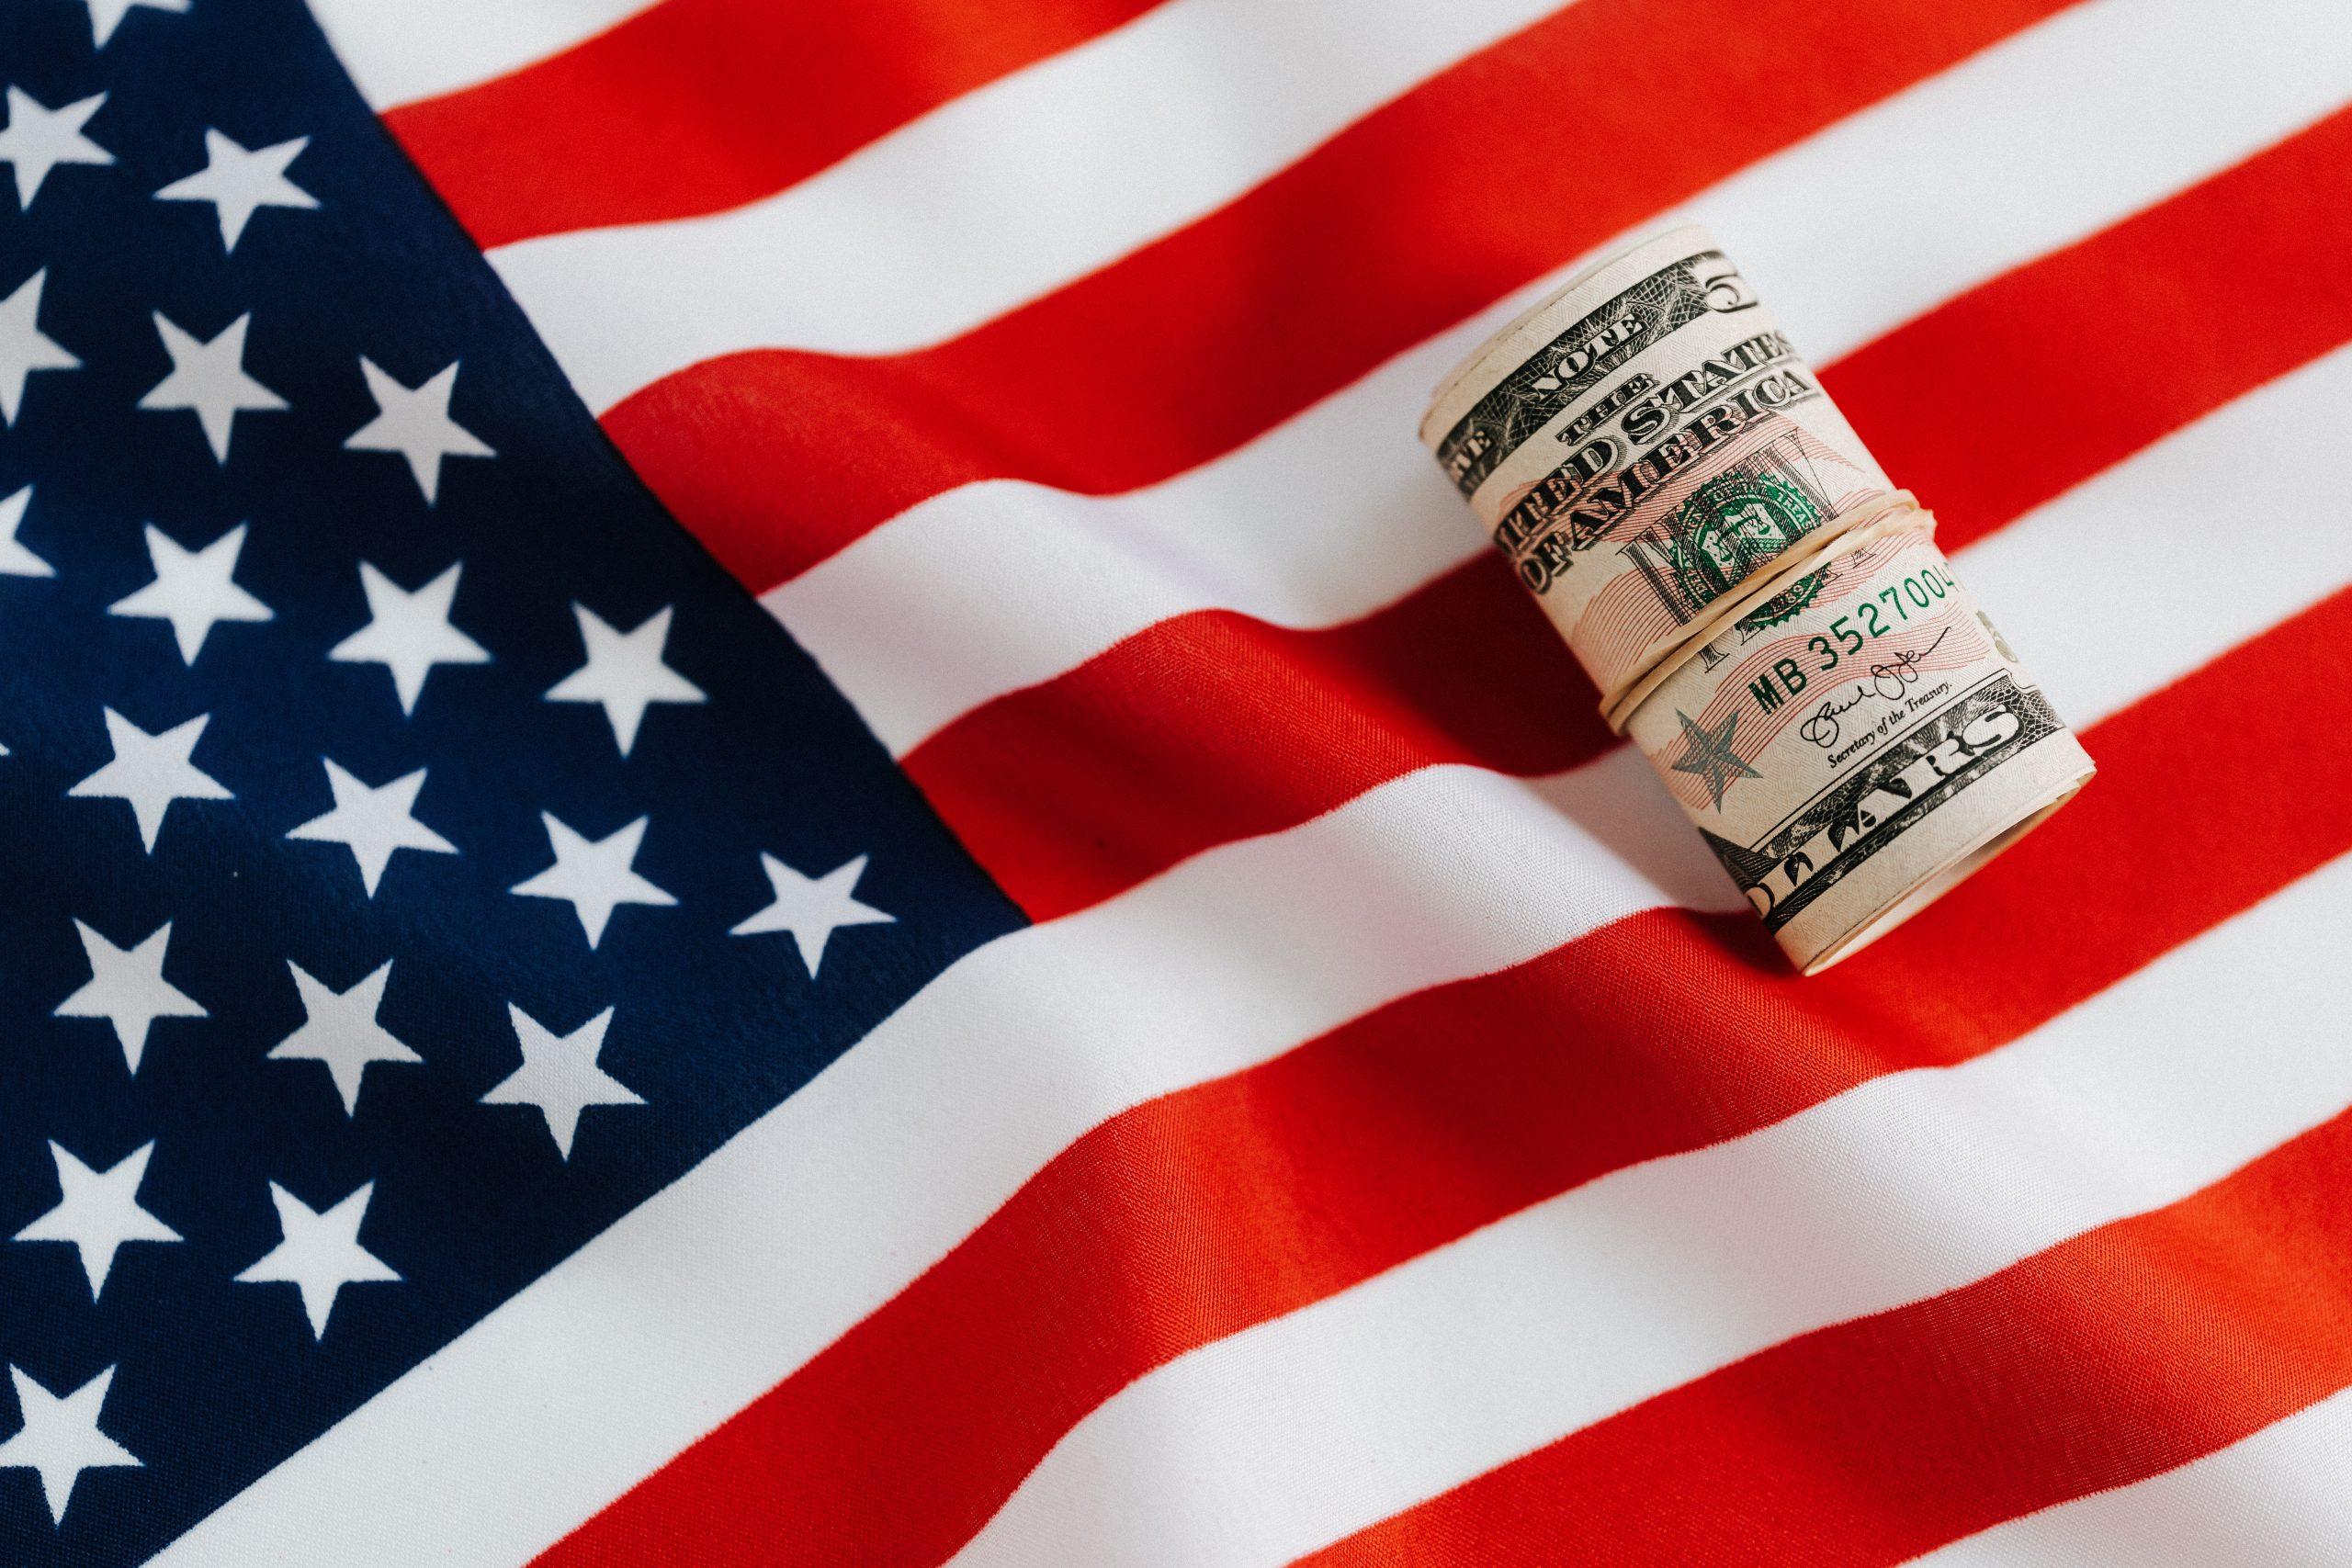 Bankkonto in den USA - ohne Anreise und mit Geld-zurück